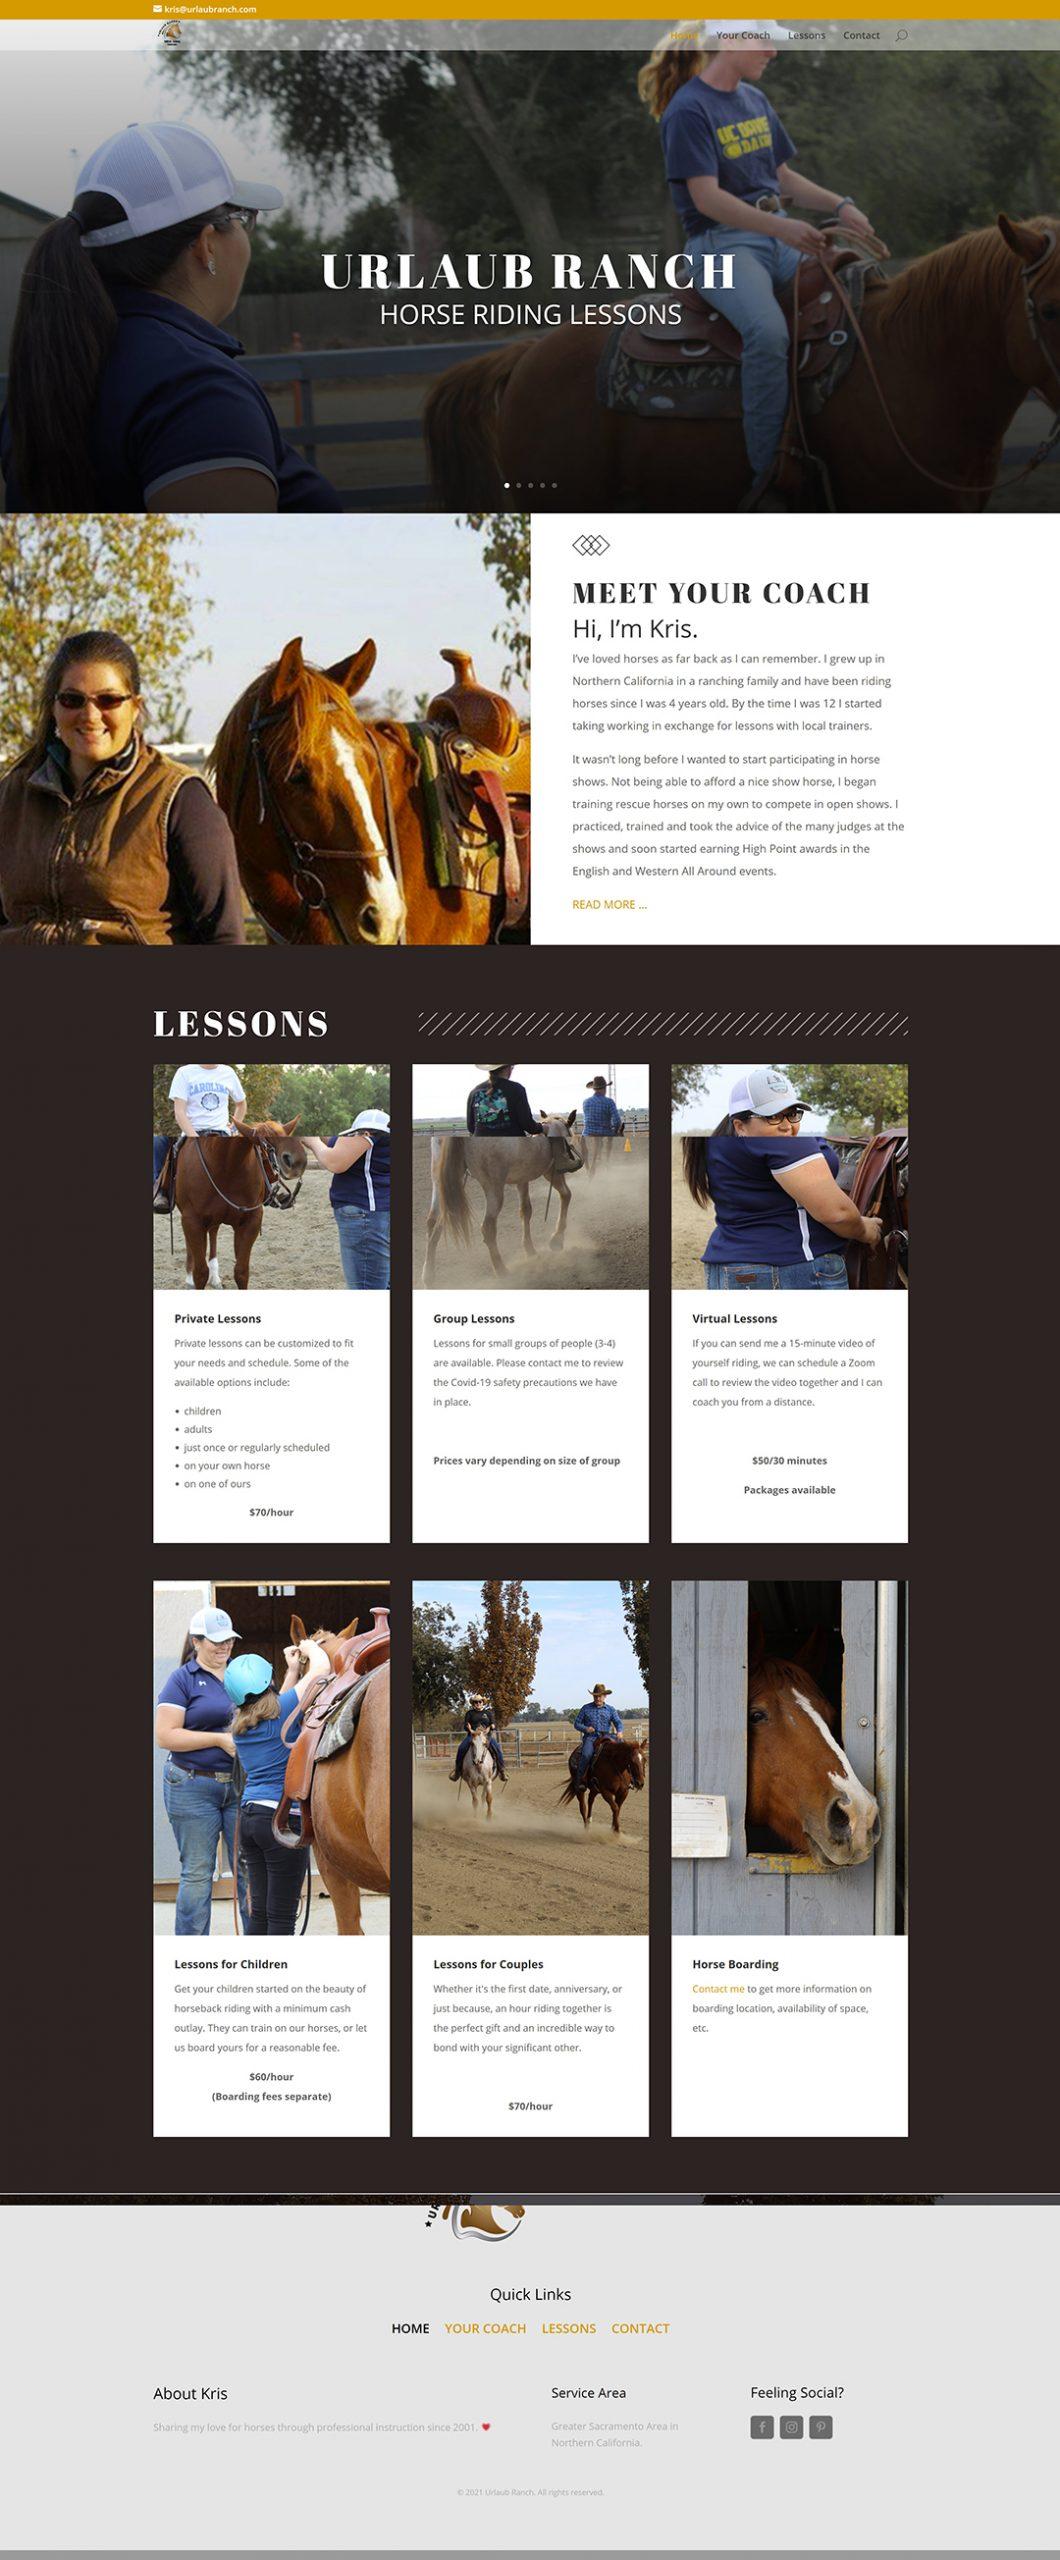 Urlaub-Ranch-website